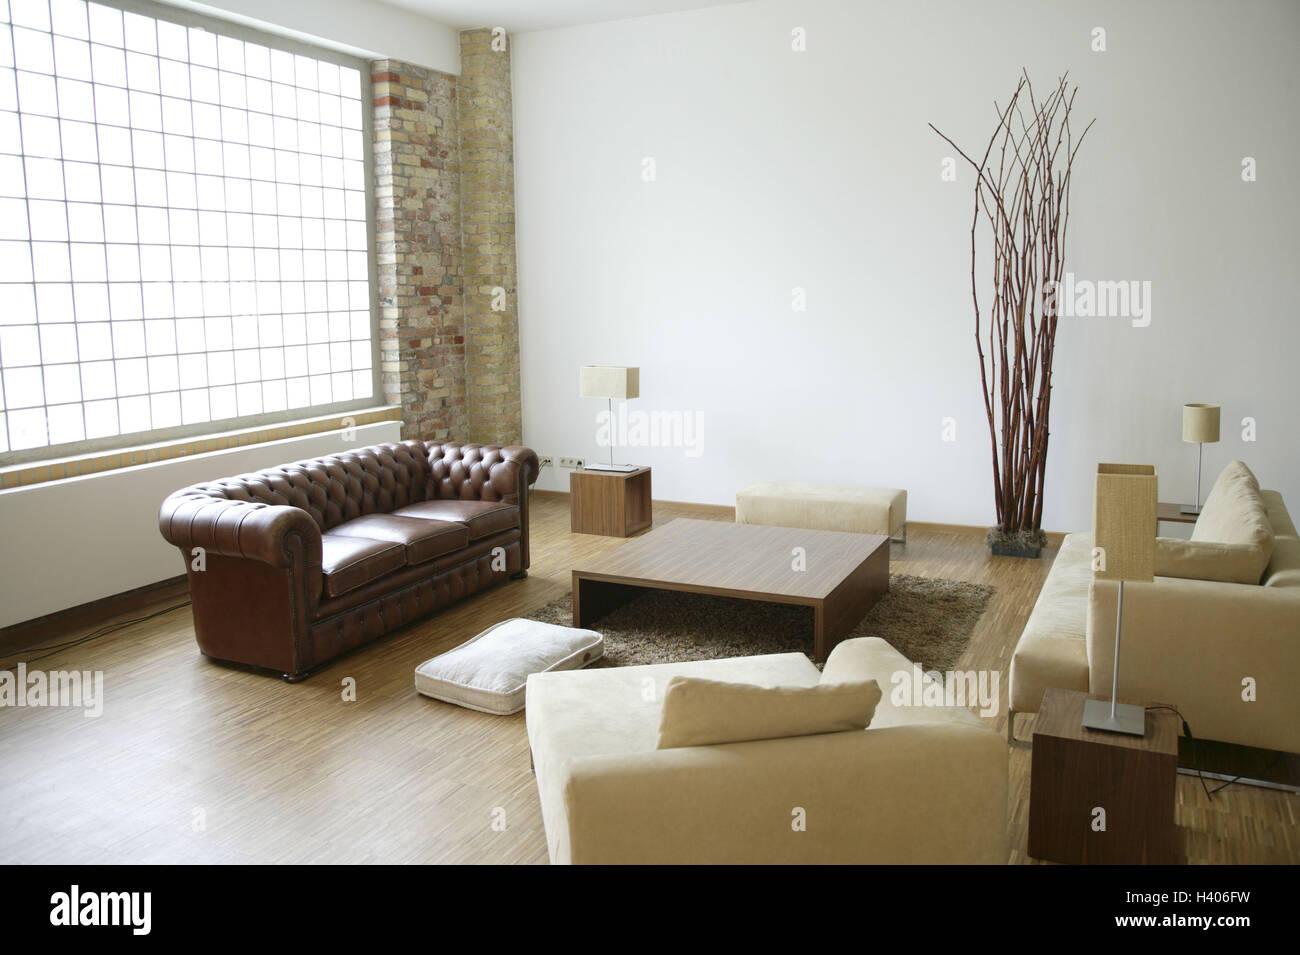 Uberlegen Dachboden, Wohnzimmer, Sitzmöbel Stück, Couchtisch, Lebenden, Innen  Geschossen, Inneneinrichtung, Möbelhaus, Möbelgeschäft, Wohnung, Wohnraum,  Setup, ...